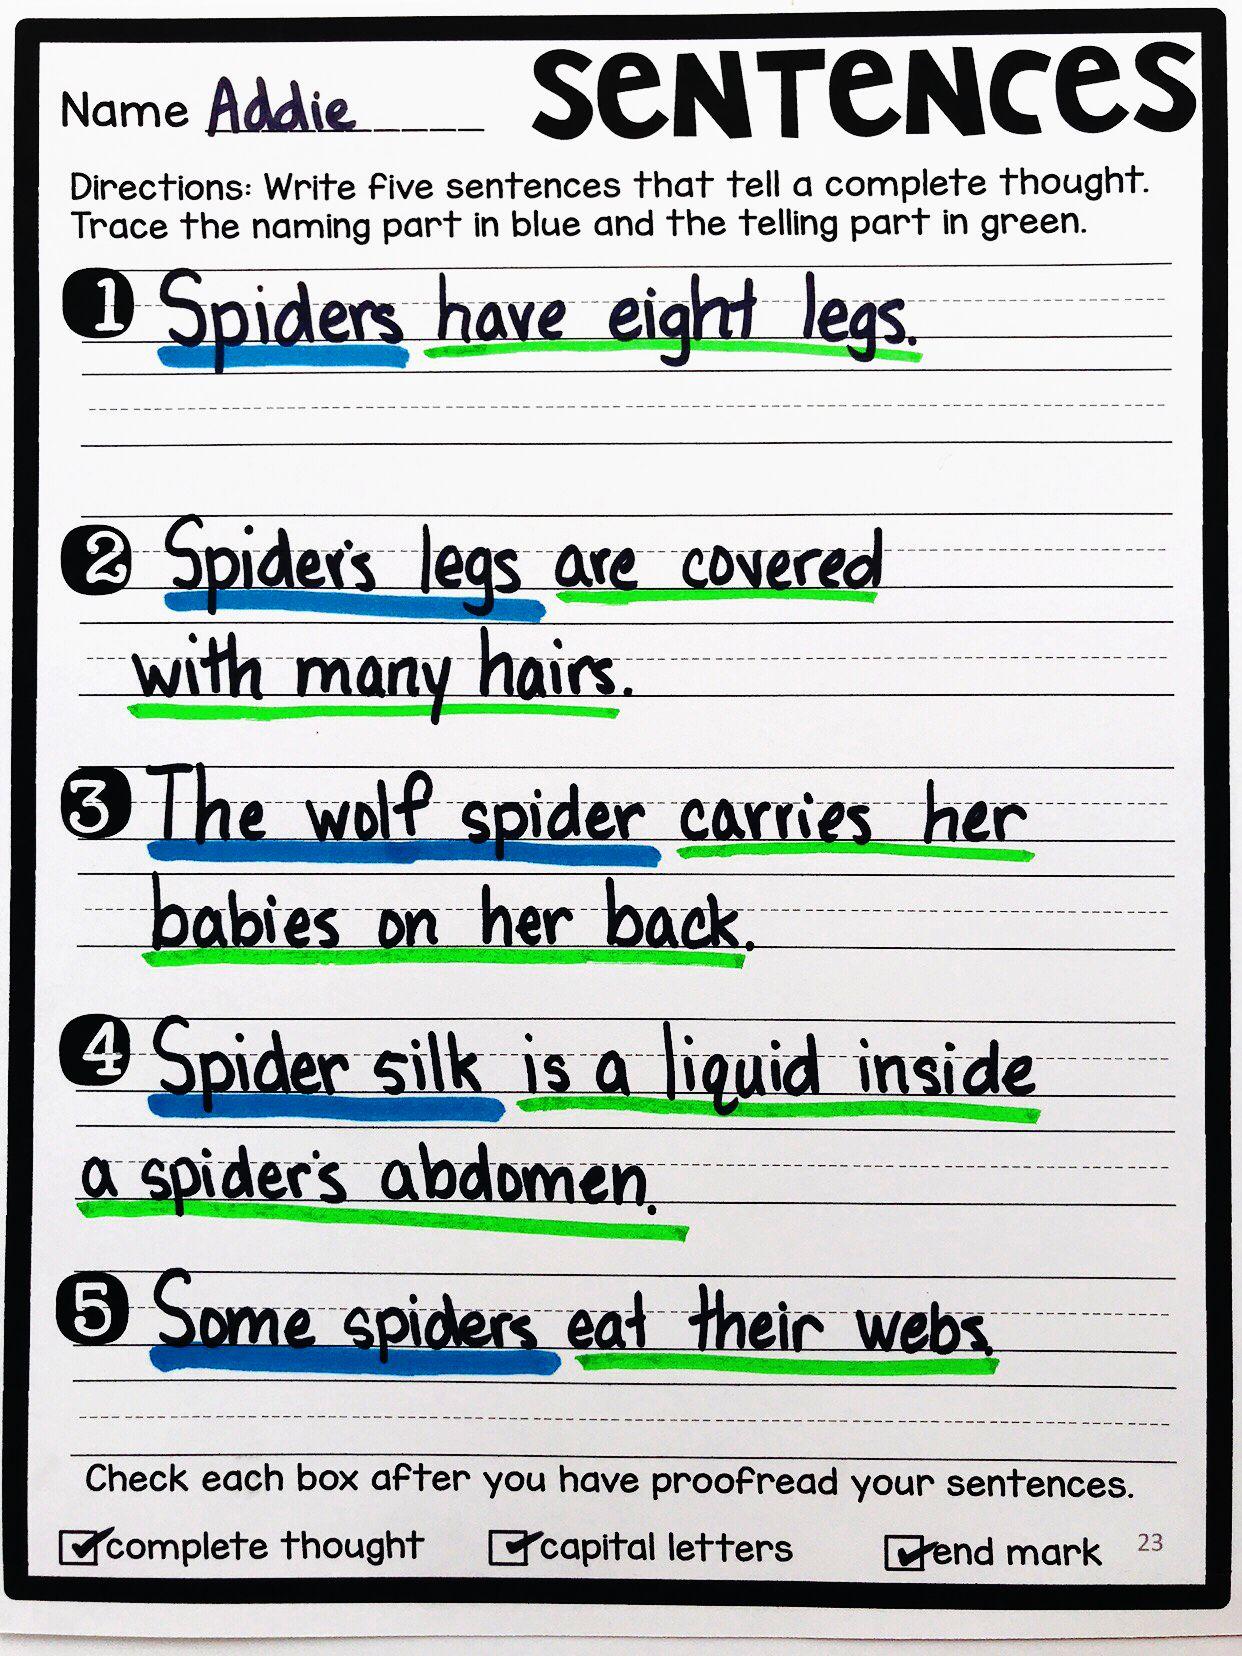 Building Sentences Expanding Sentences Types Of Sentences Expanding Sentences Writing Complete Sentences Types Of Sentences